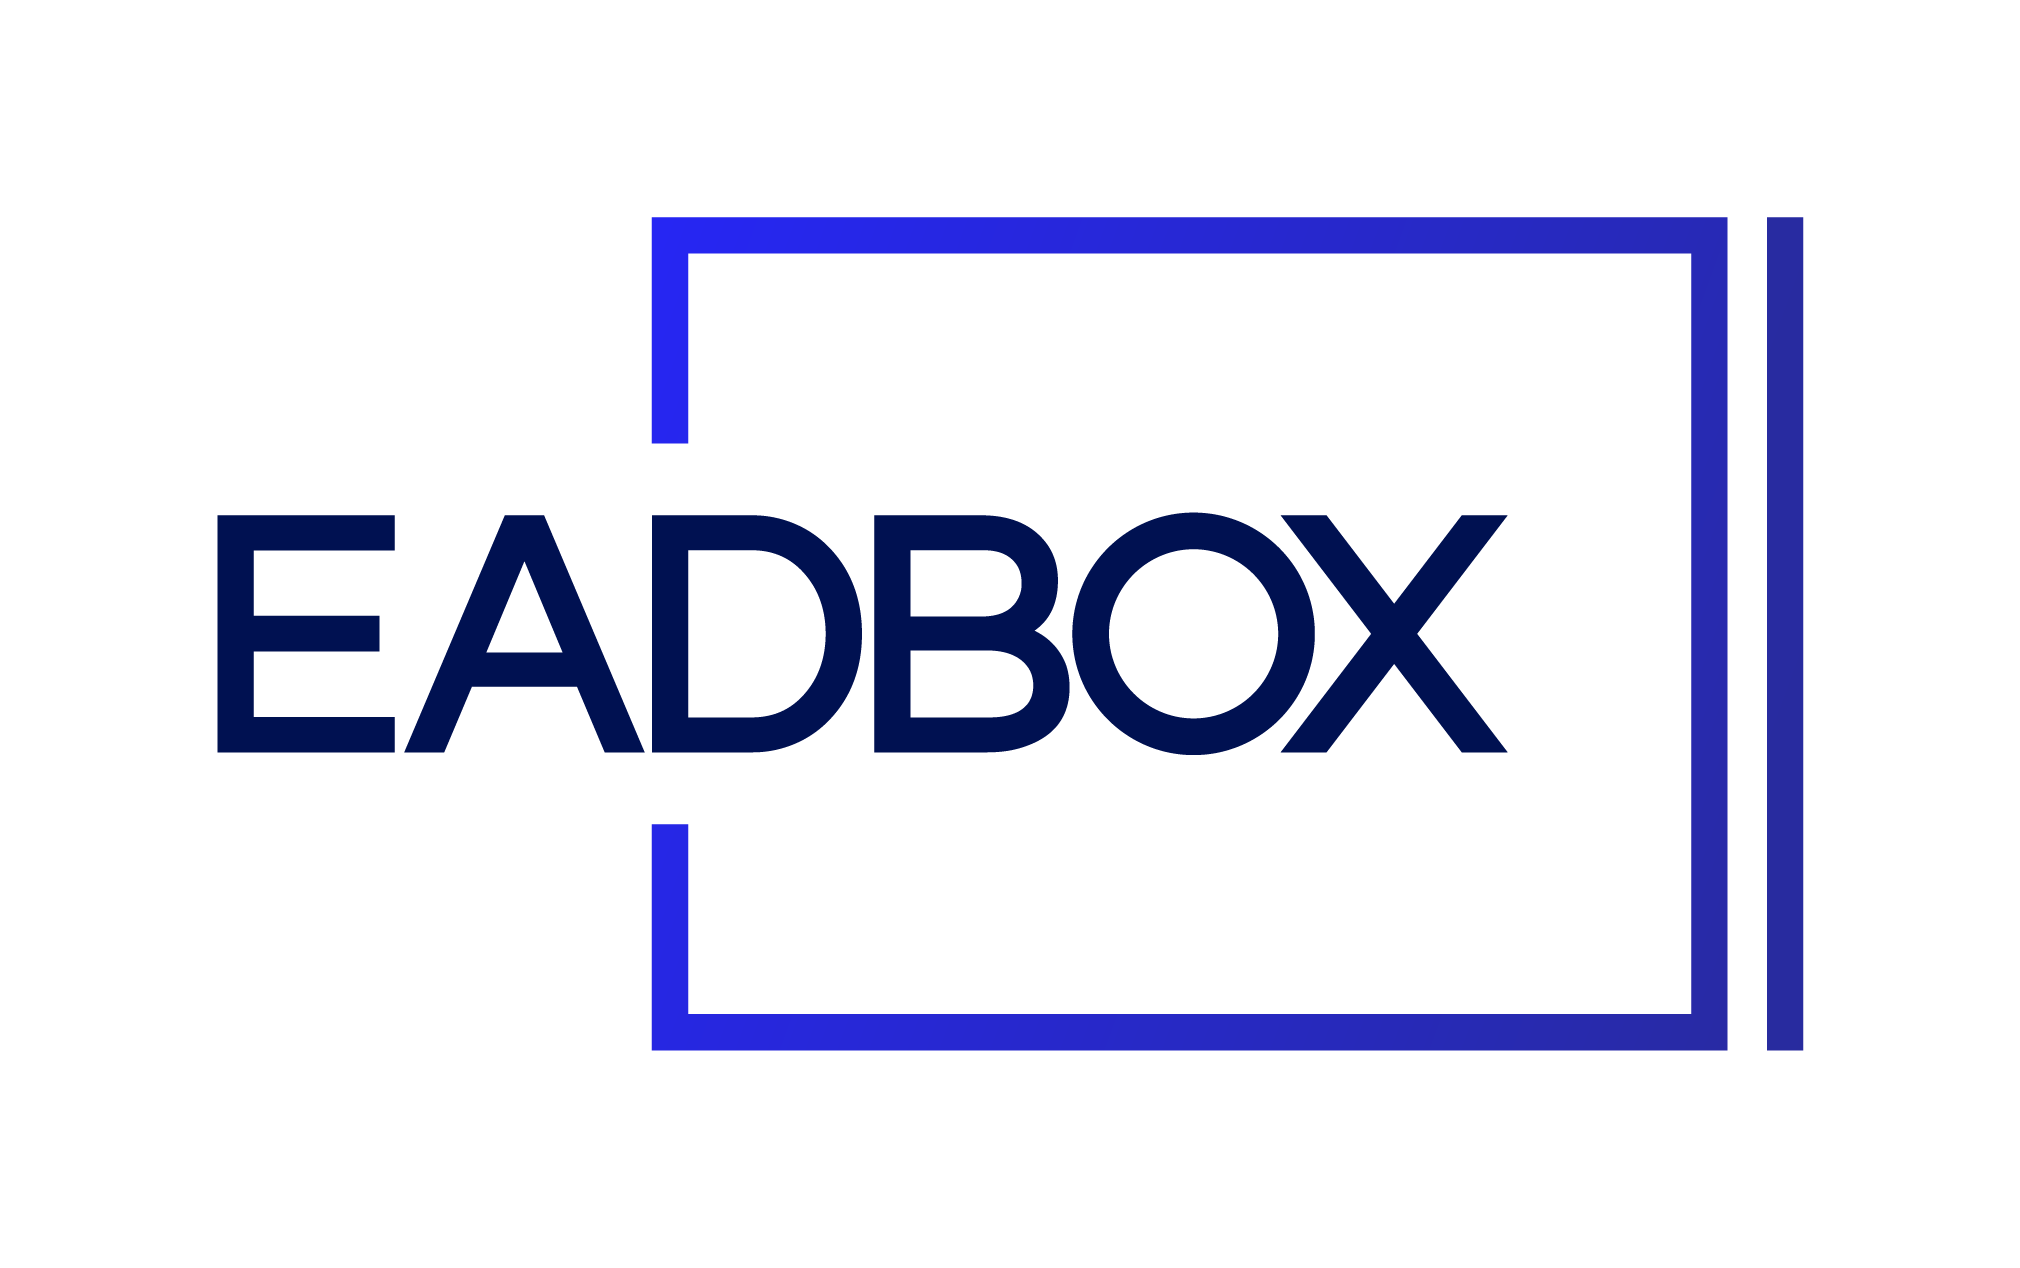 eadbox_logo_azul.png